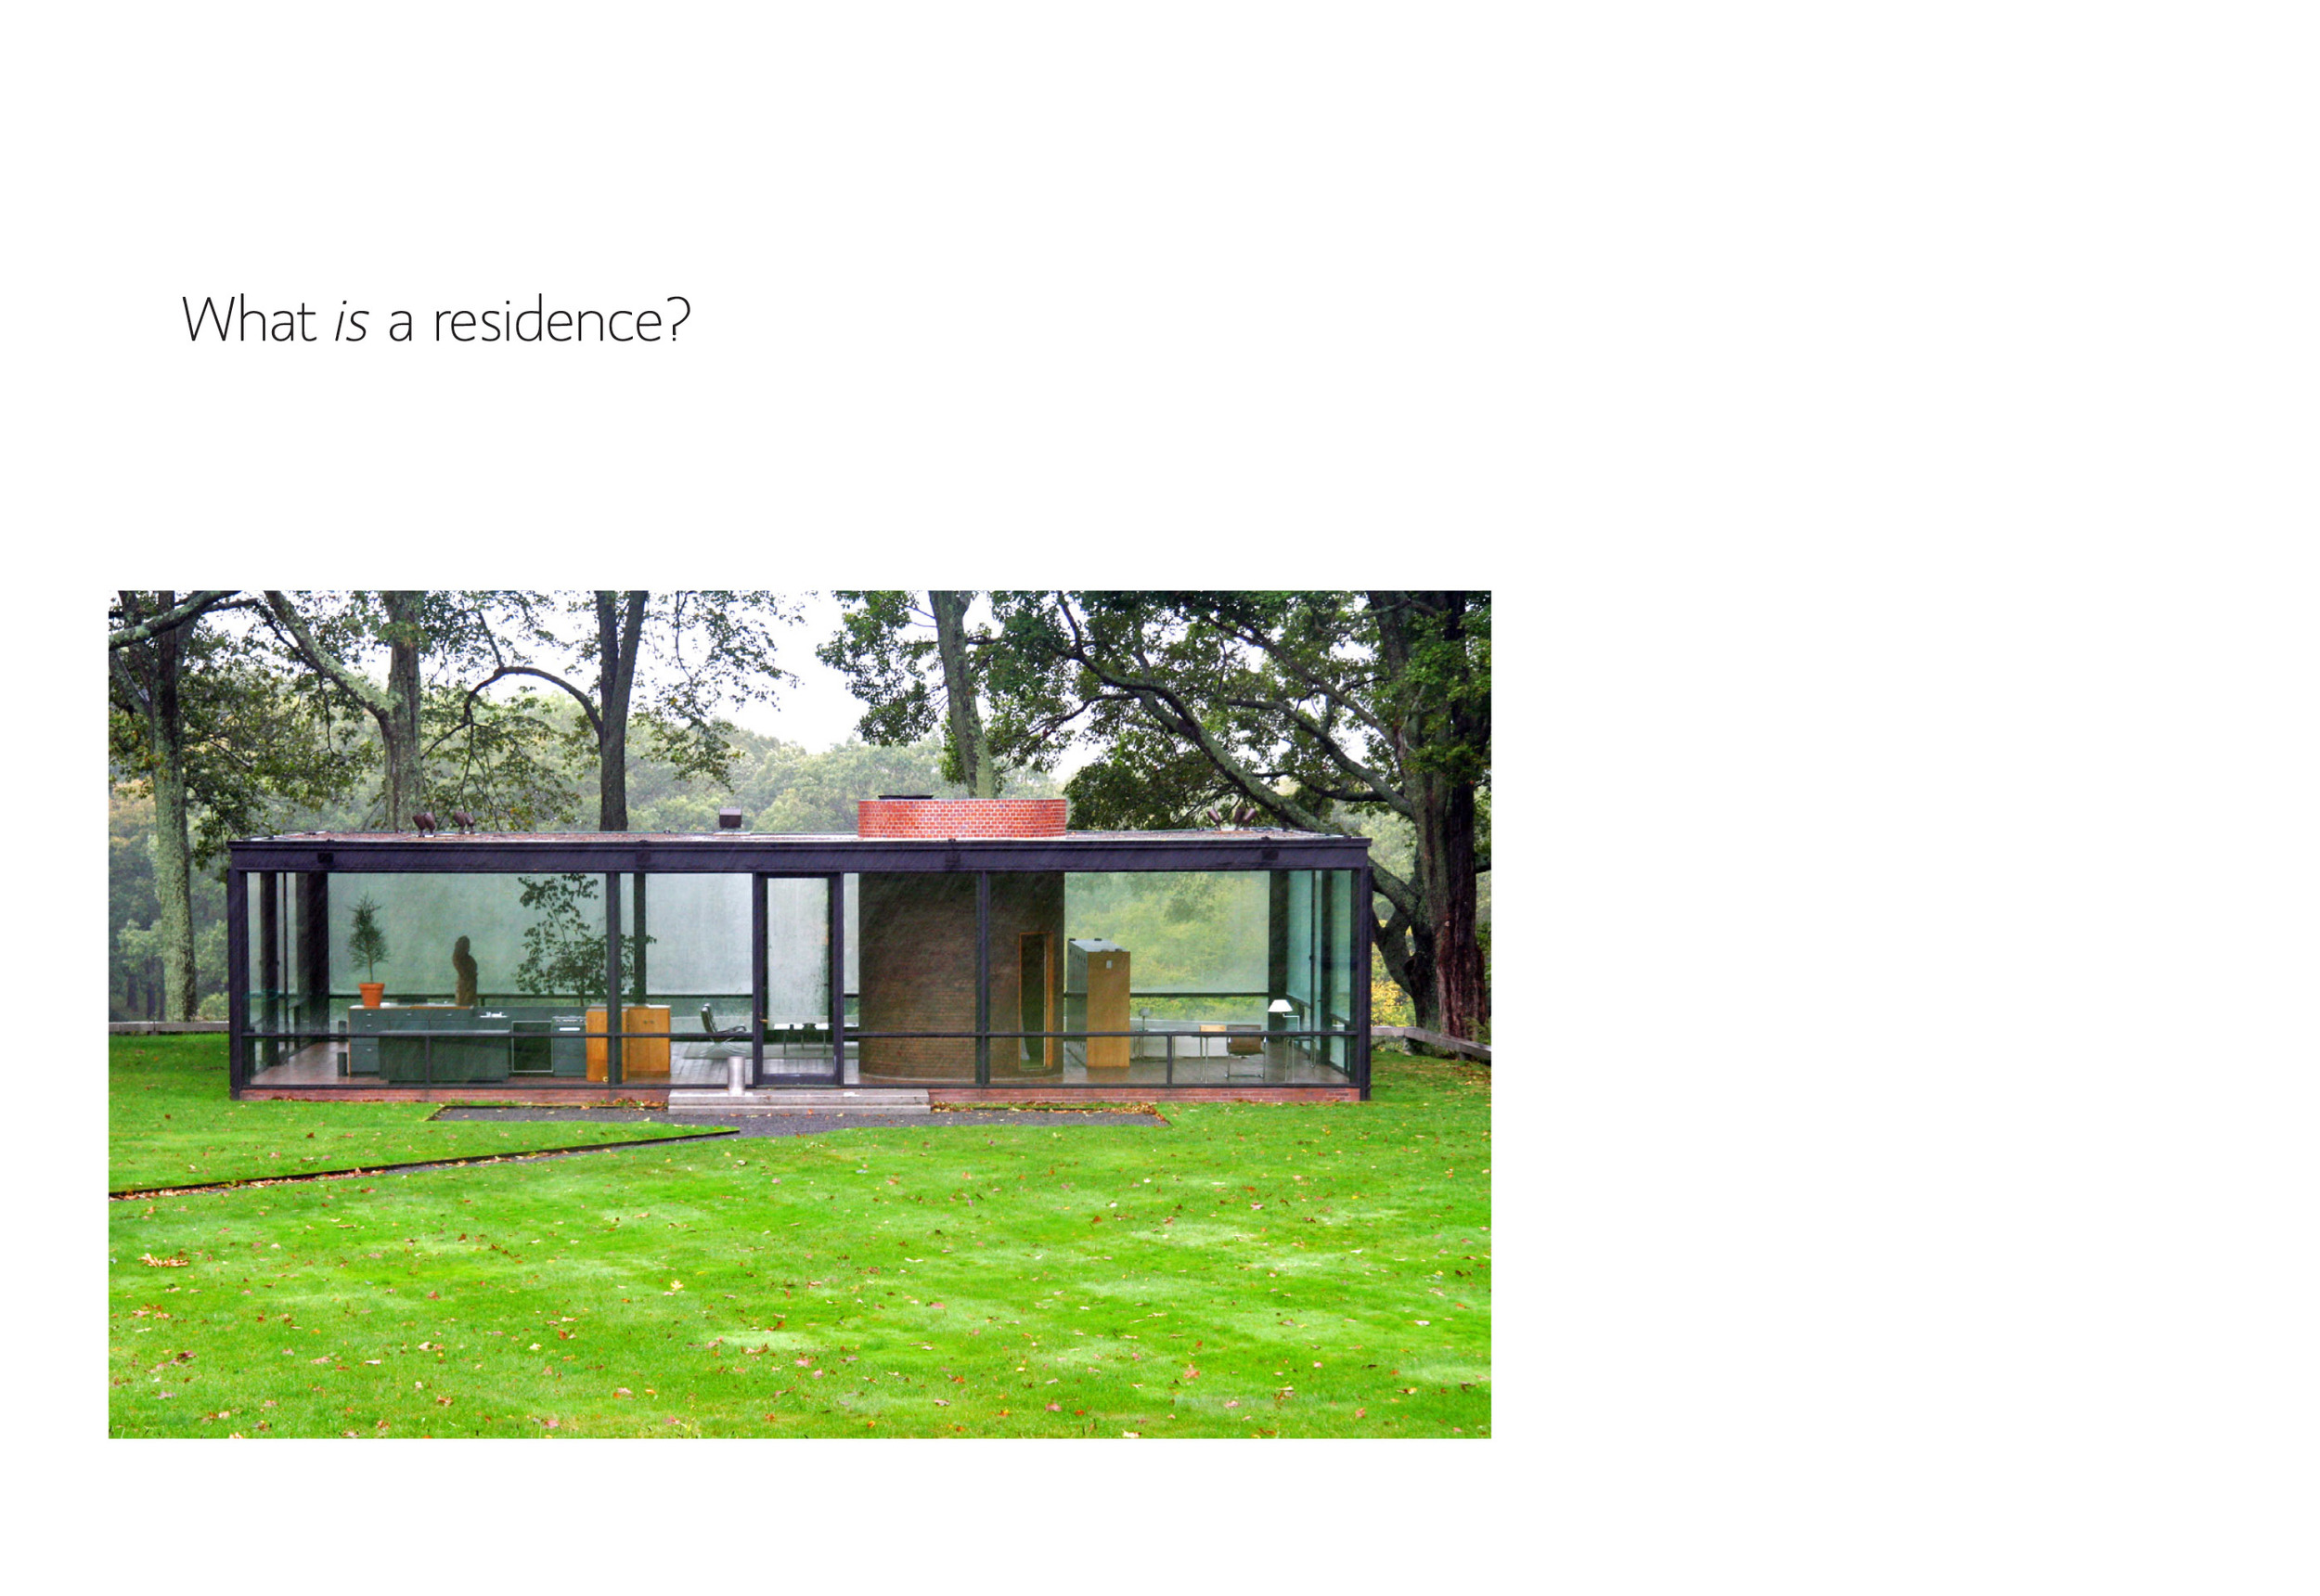 Residence_Template-2.jpg